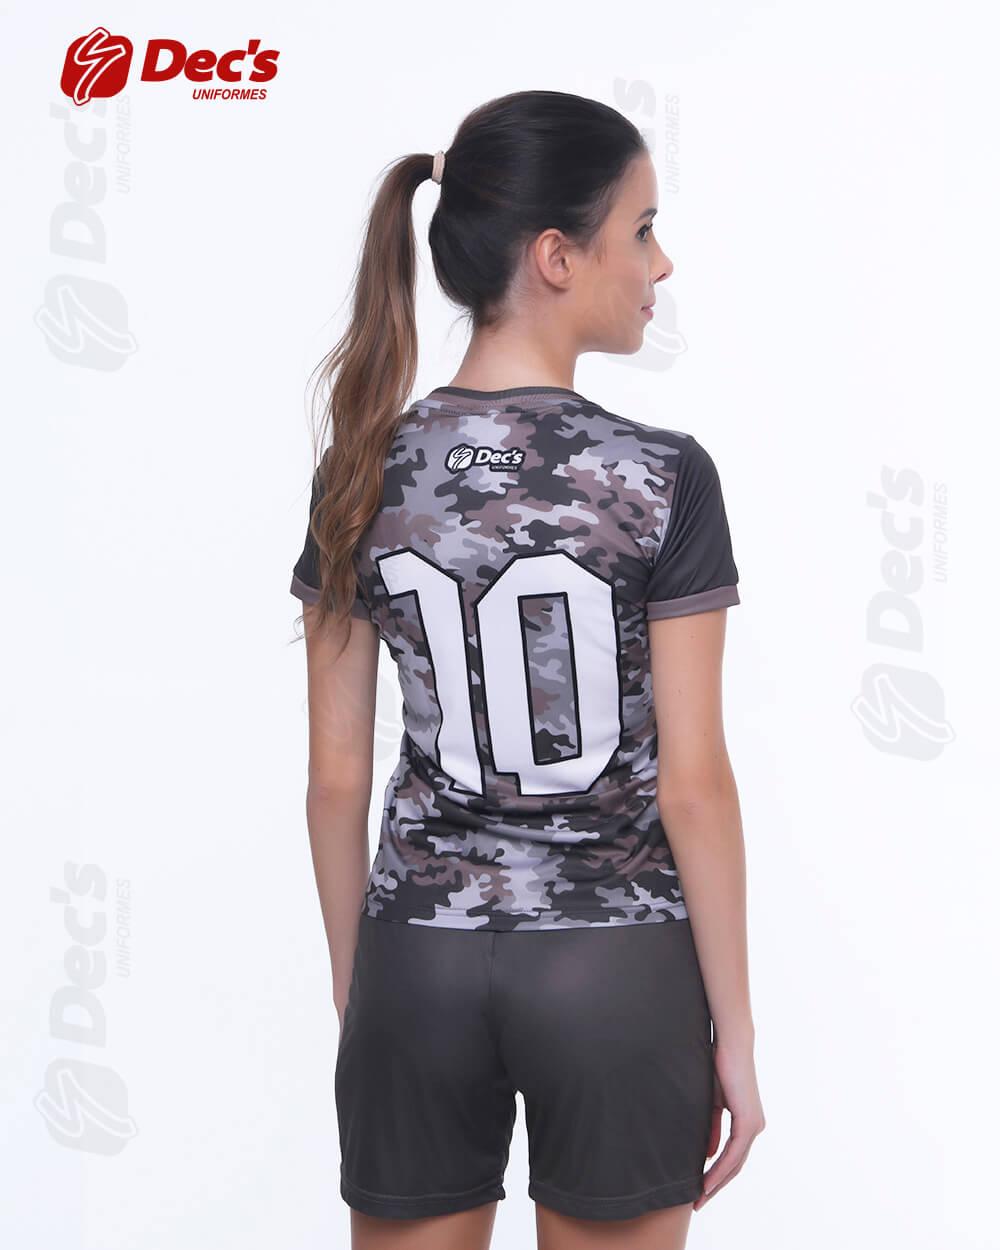 8376092016 conjunto dry em estampa digital. uniforme esportivo